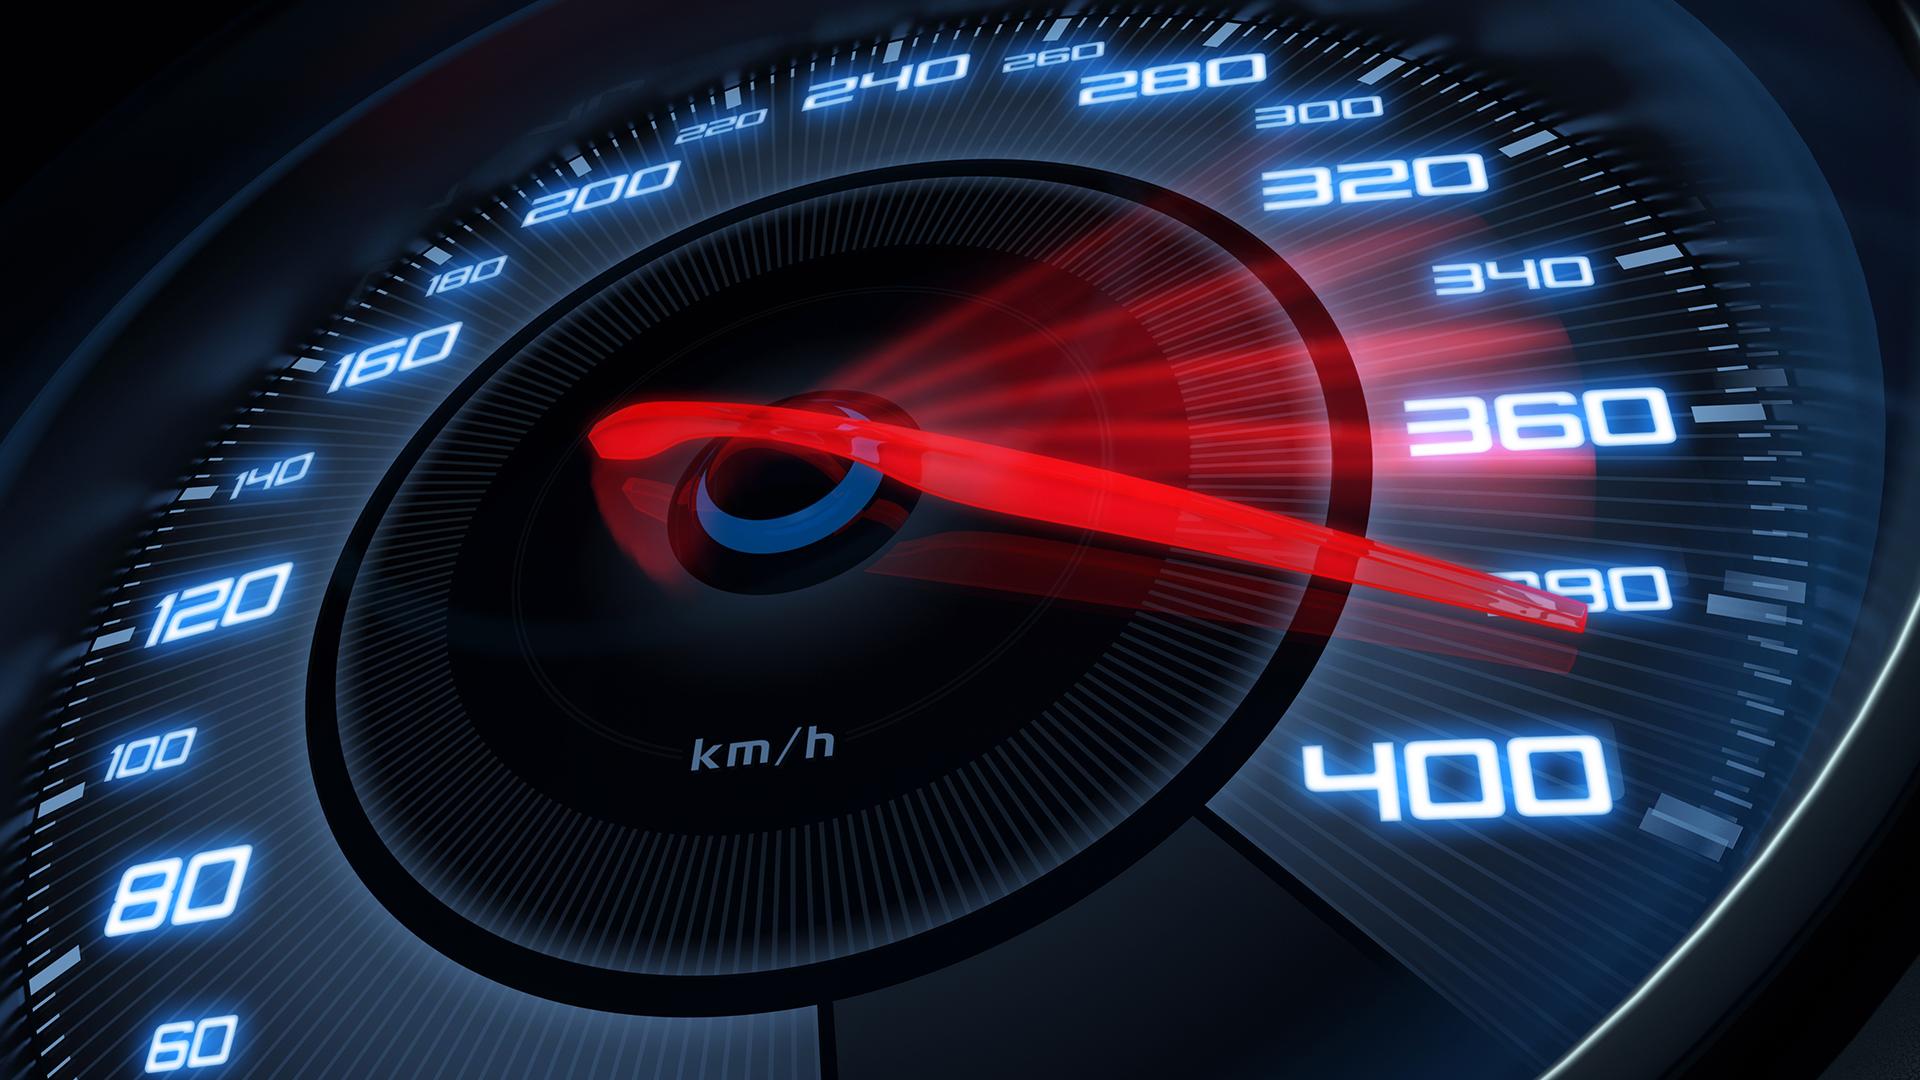 velocidad mas es menos blog video de producto vídeo productos grupoaudiovisual